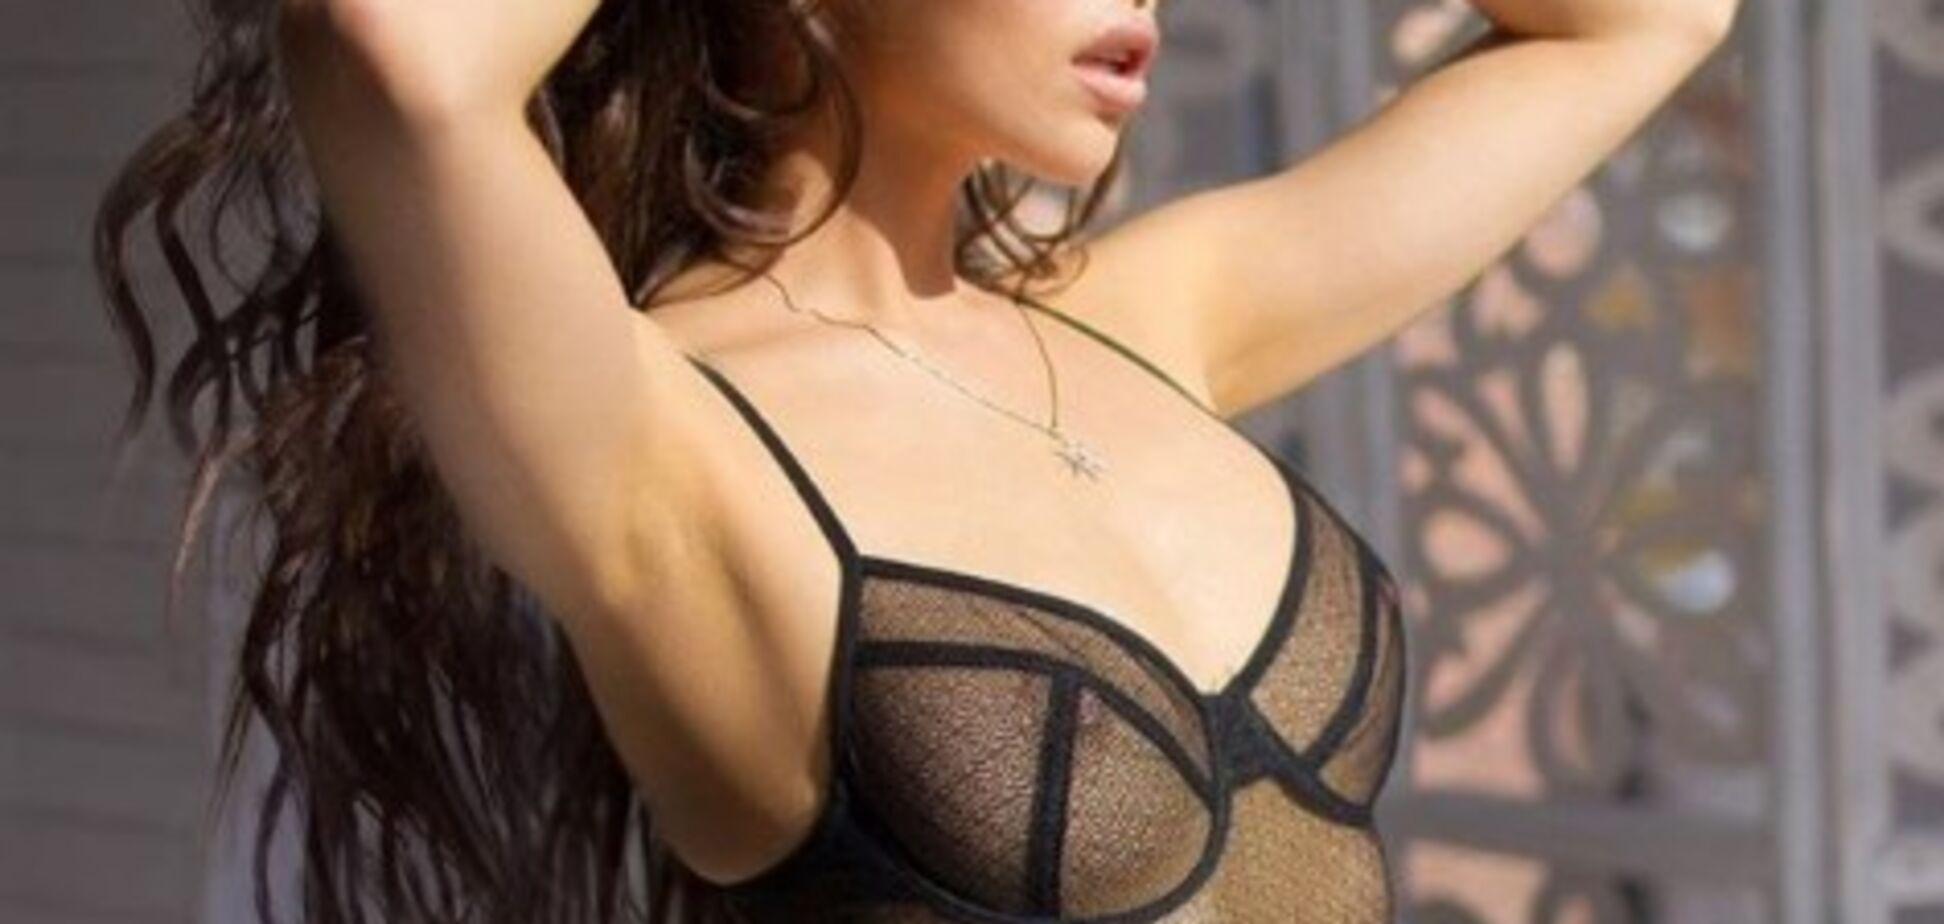 Звезда шоу ''Дом-2'' раскрыла подробности секса с актером ''Игры престолов''